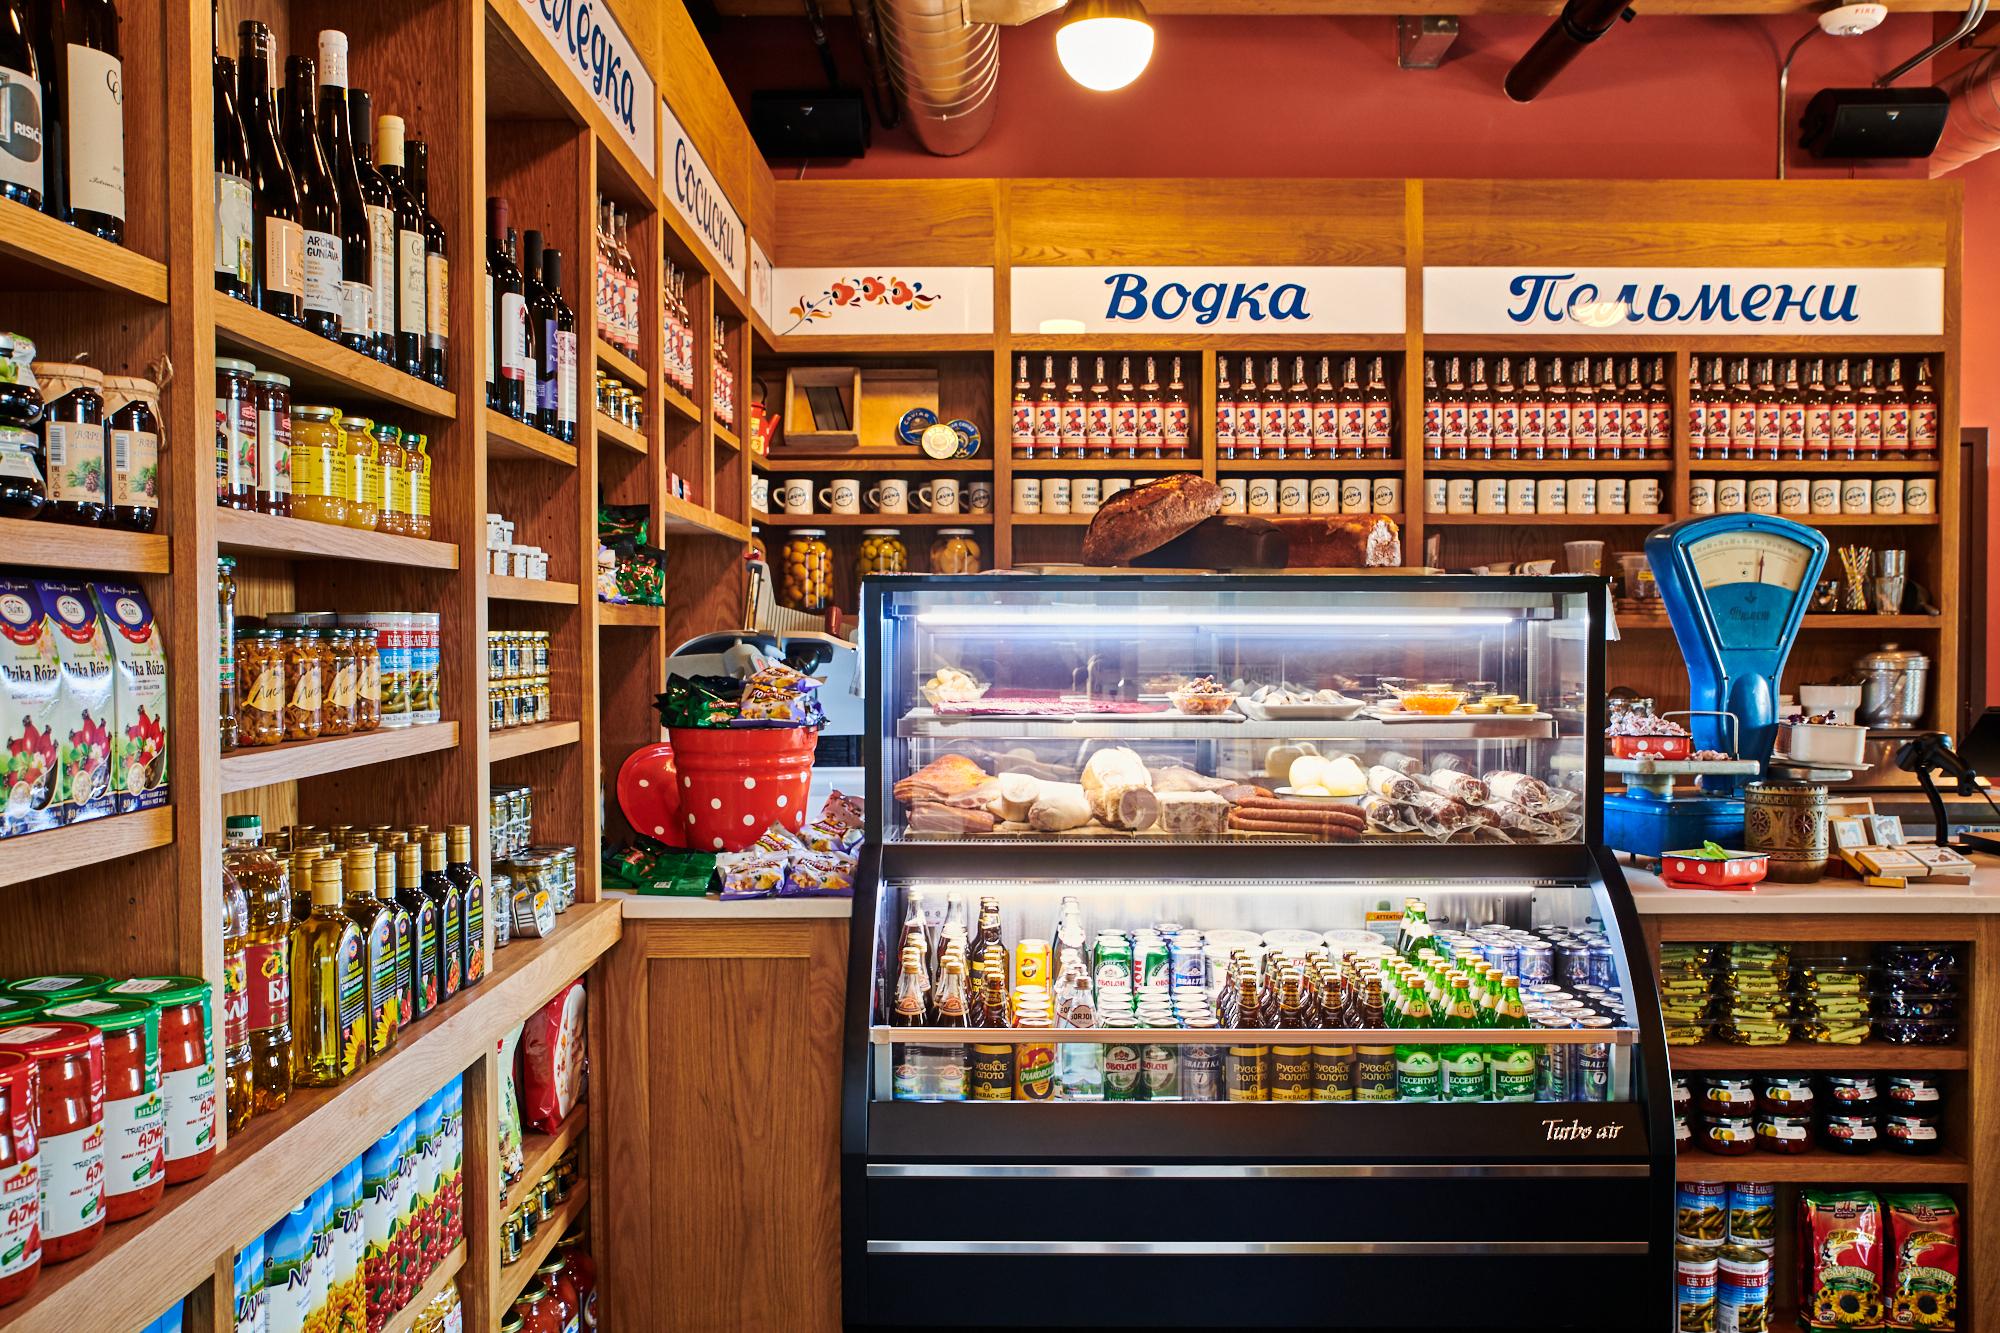 Lavka's shelves of Eastern European goods